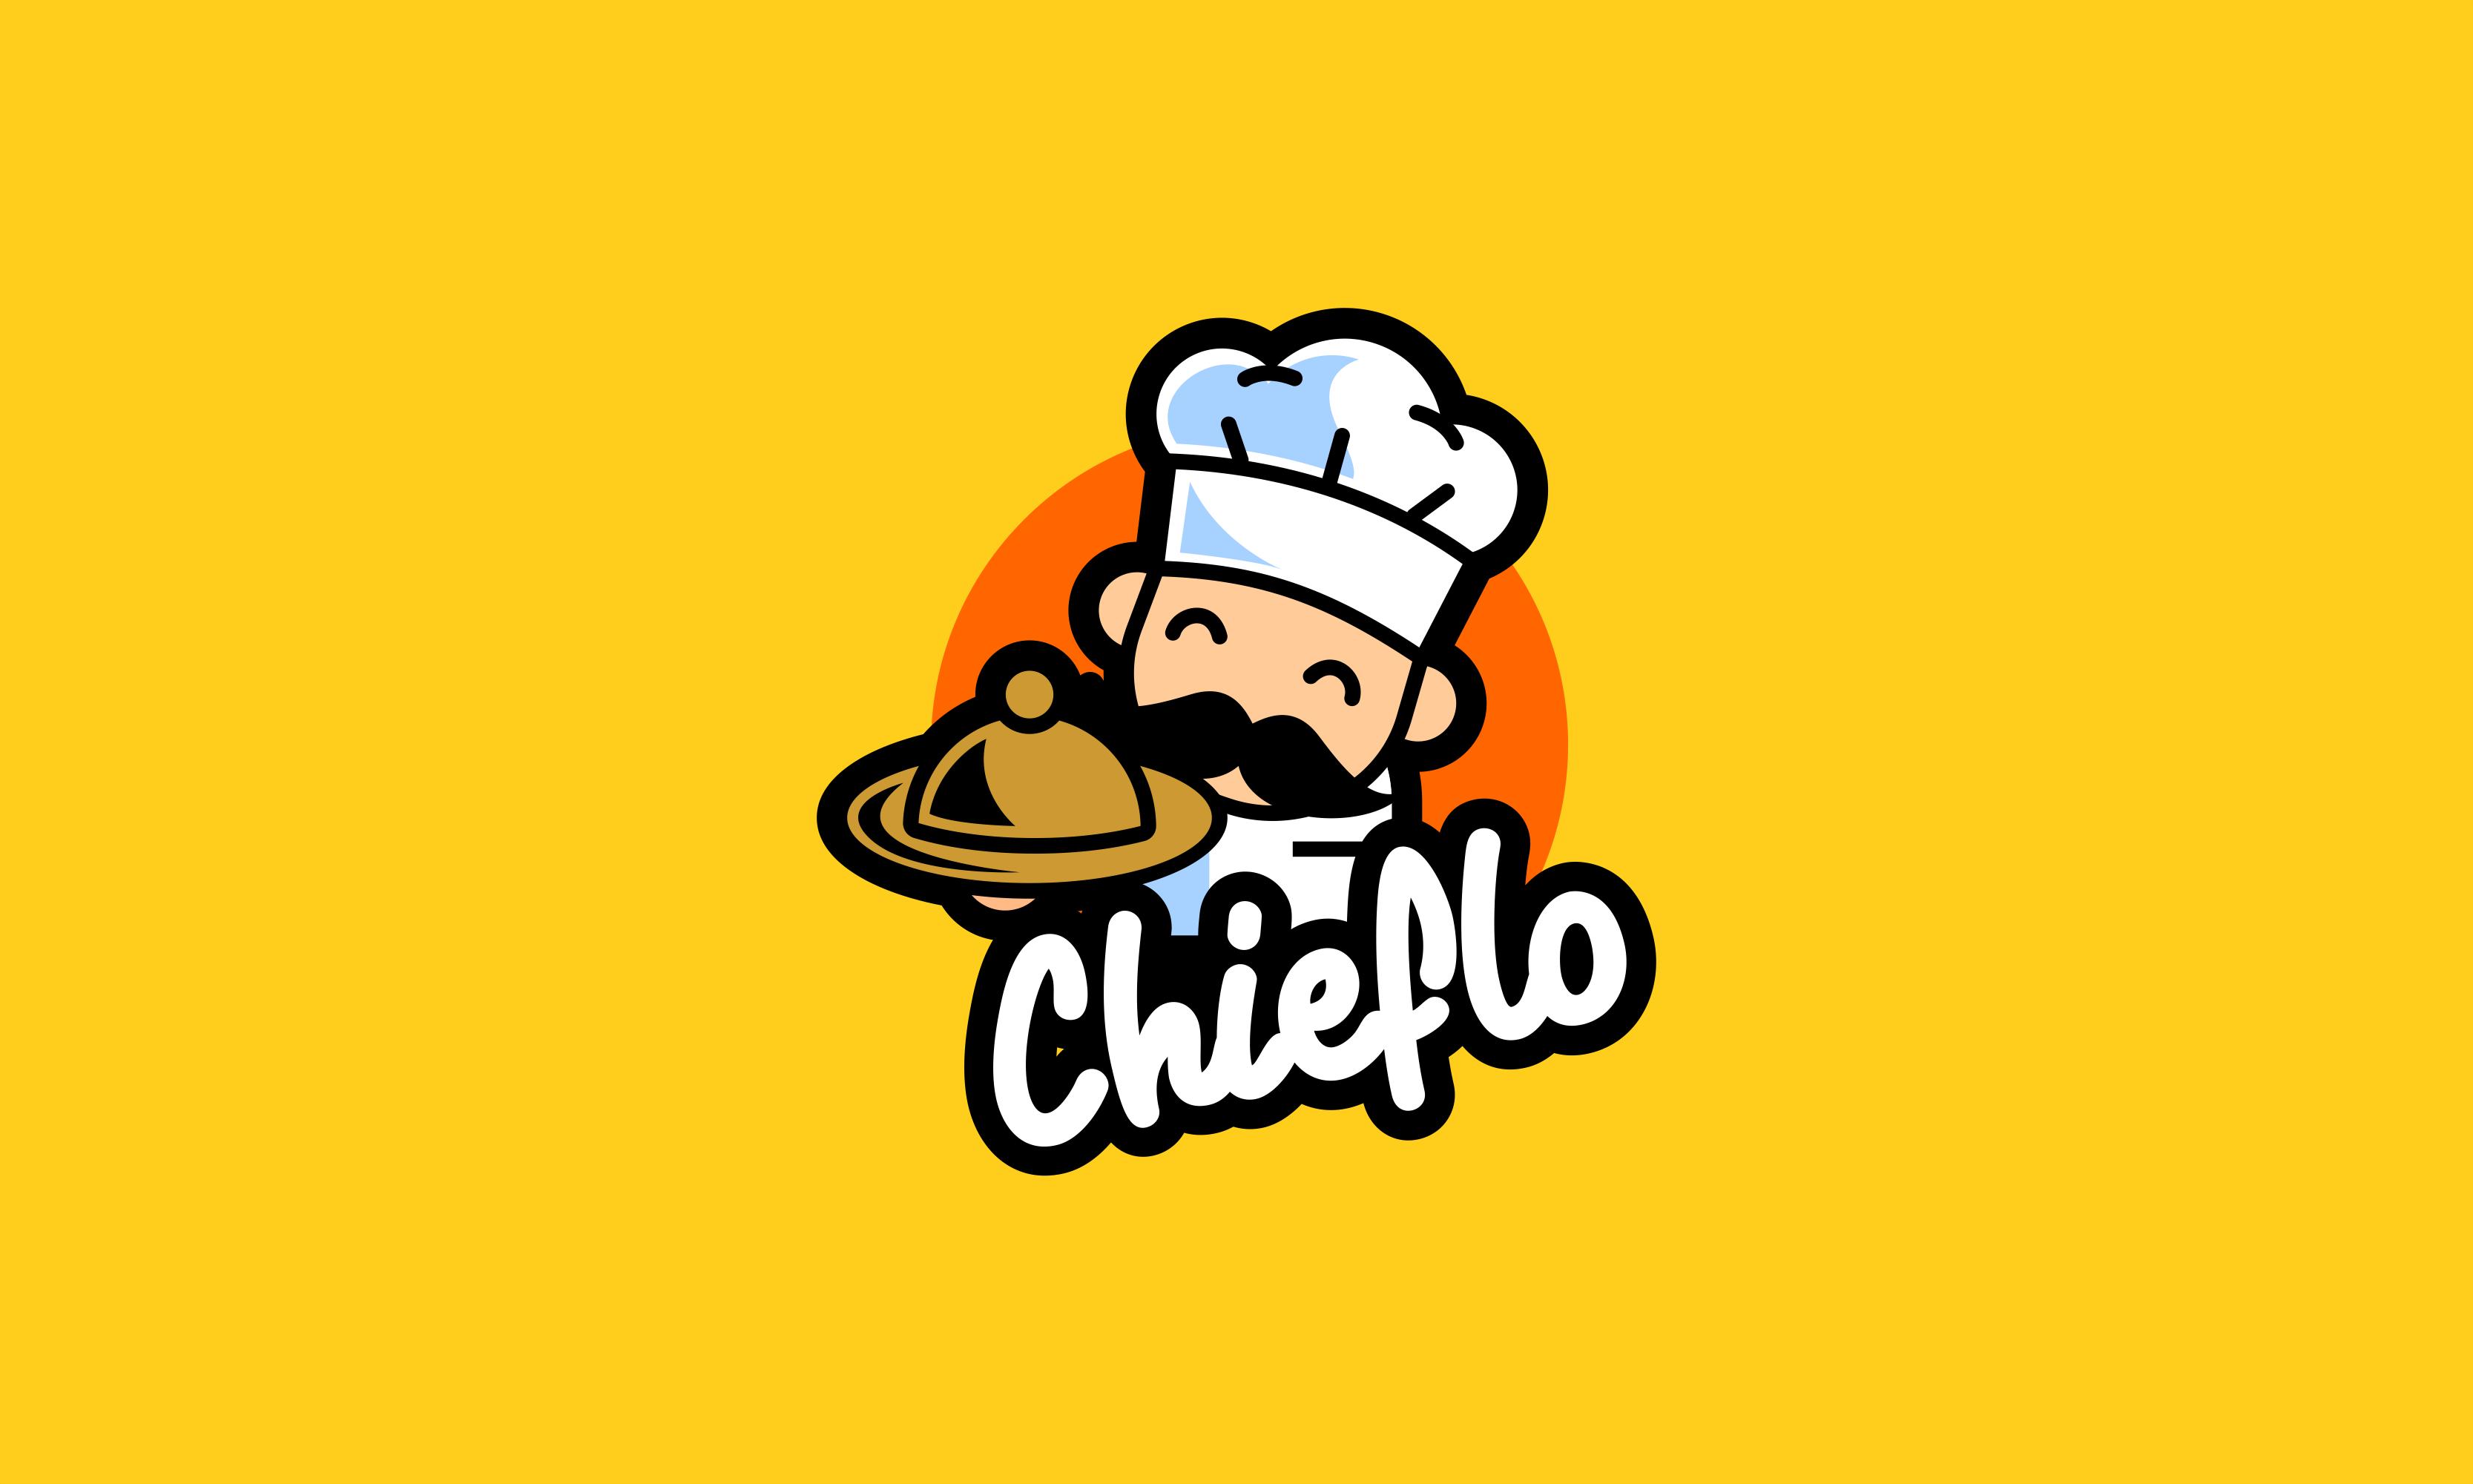 Chieflo